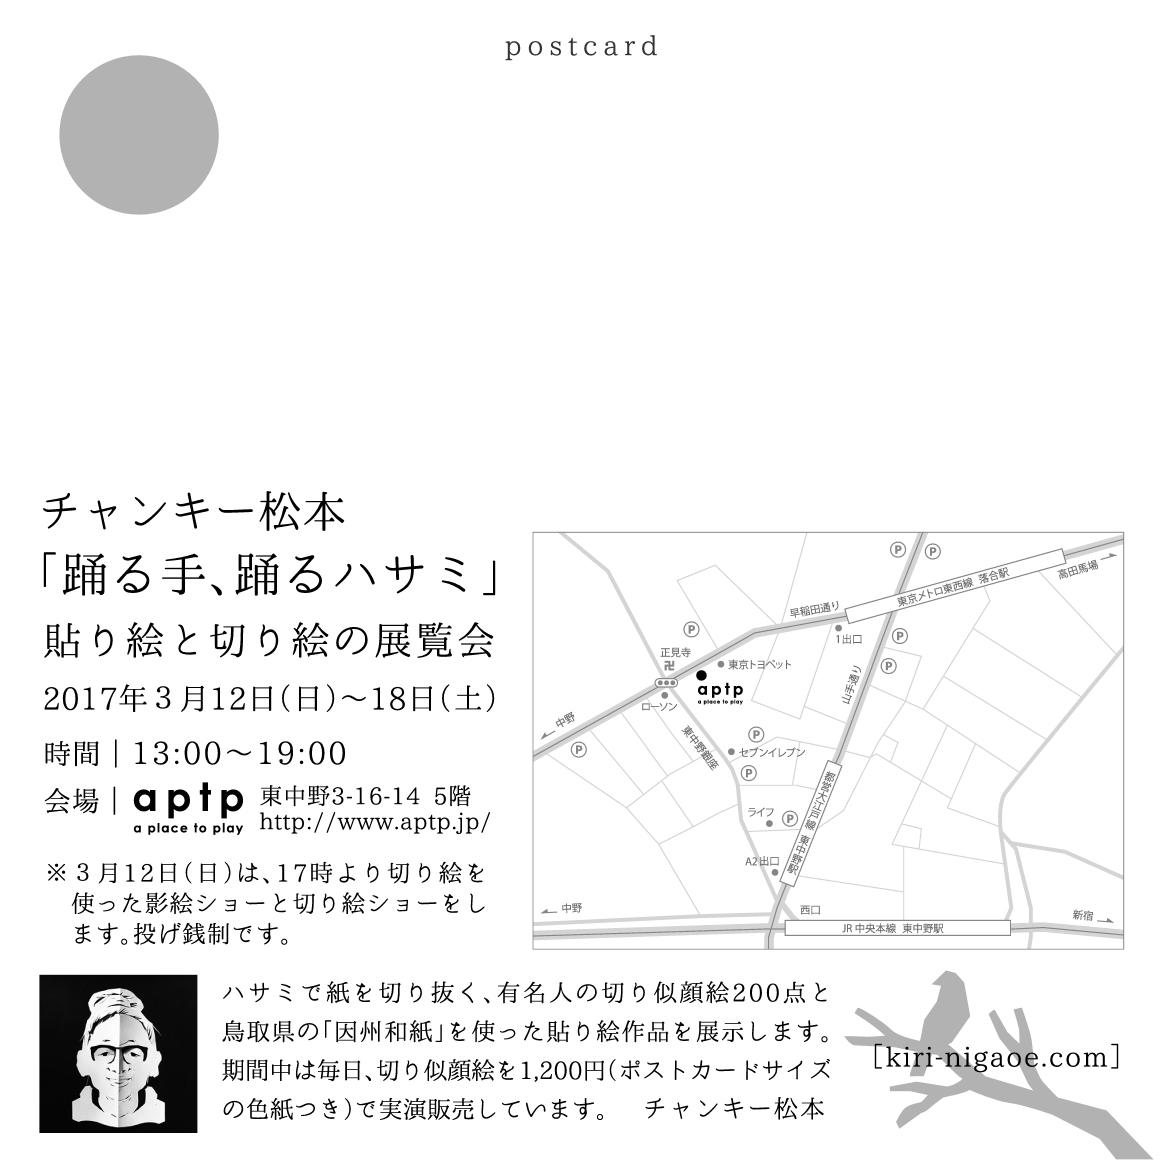 大山寺_DM-2